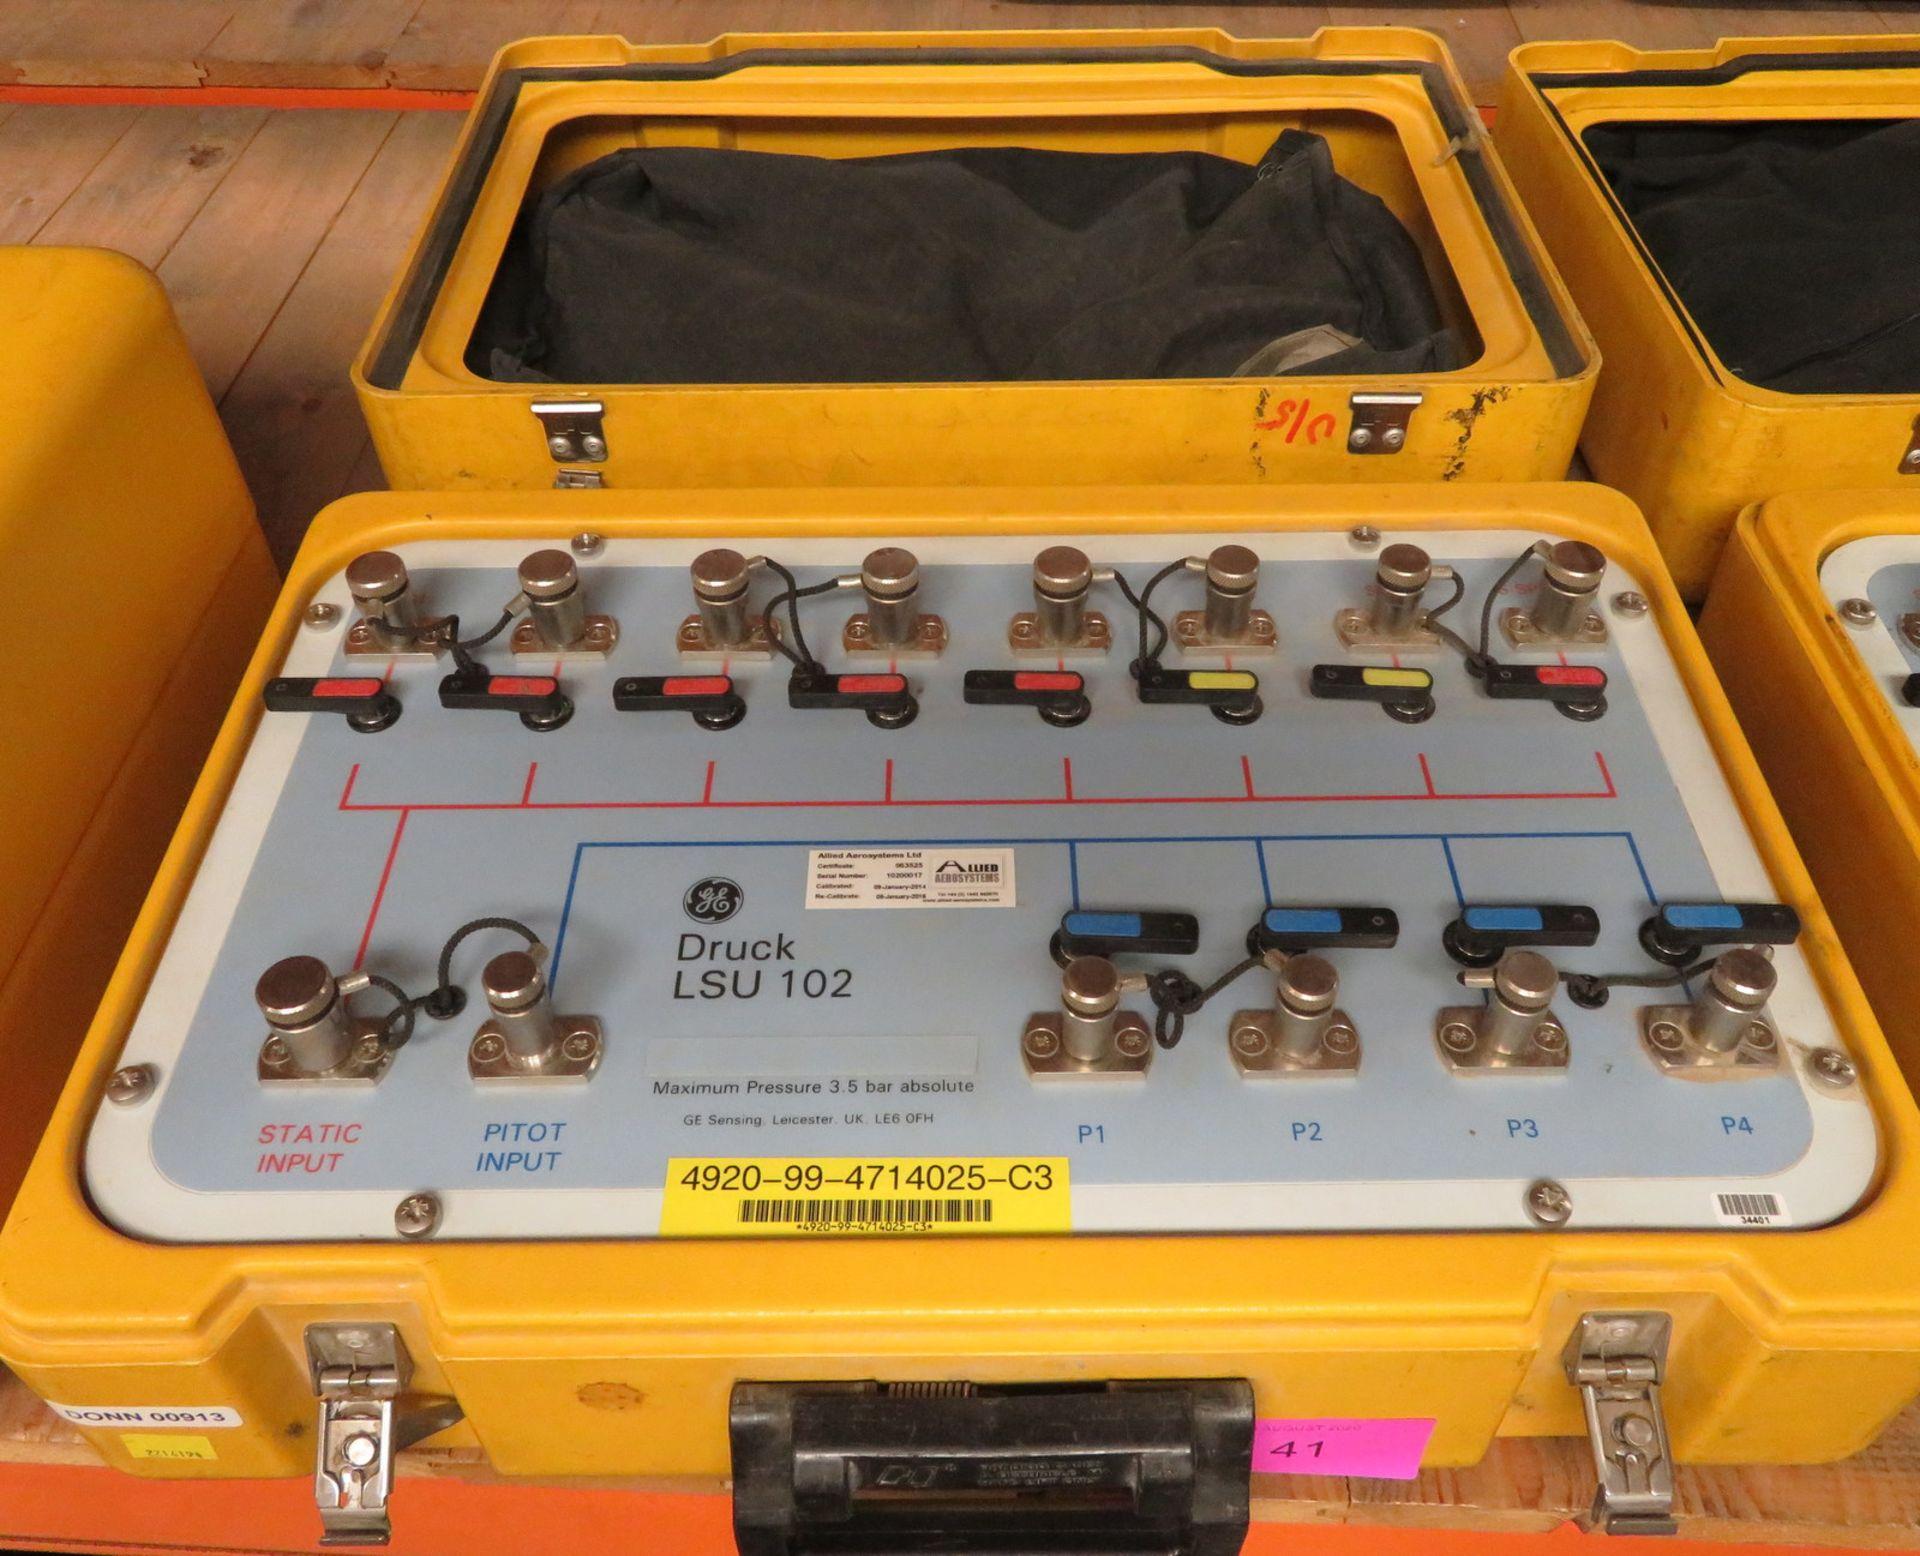 Lot 41 - Druck LSU 102 switching unit